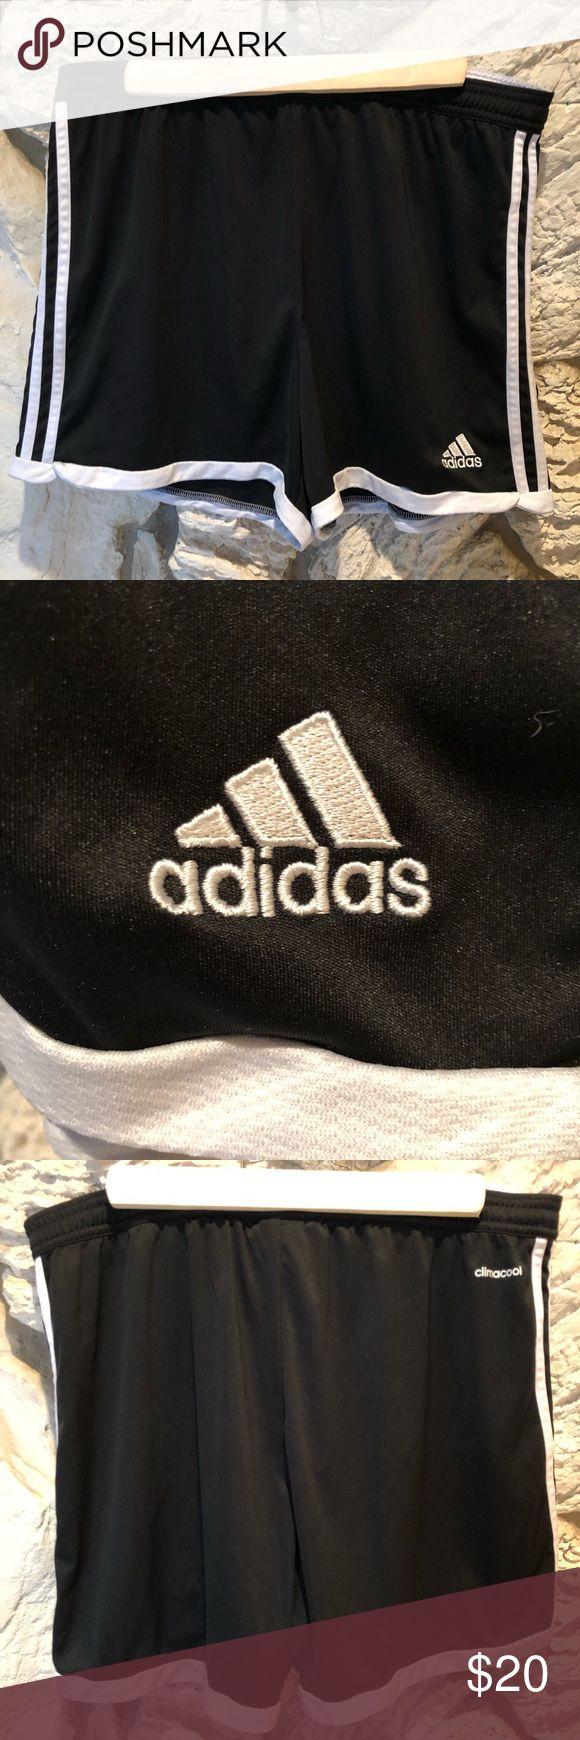 Adidas shorts Black adidas soccer shorts adidas Shorts